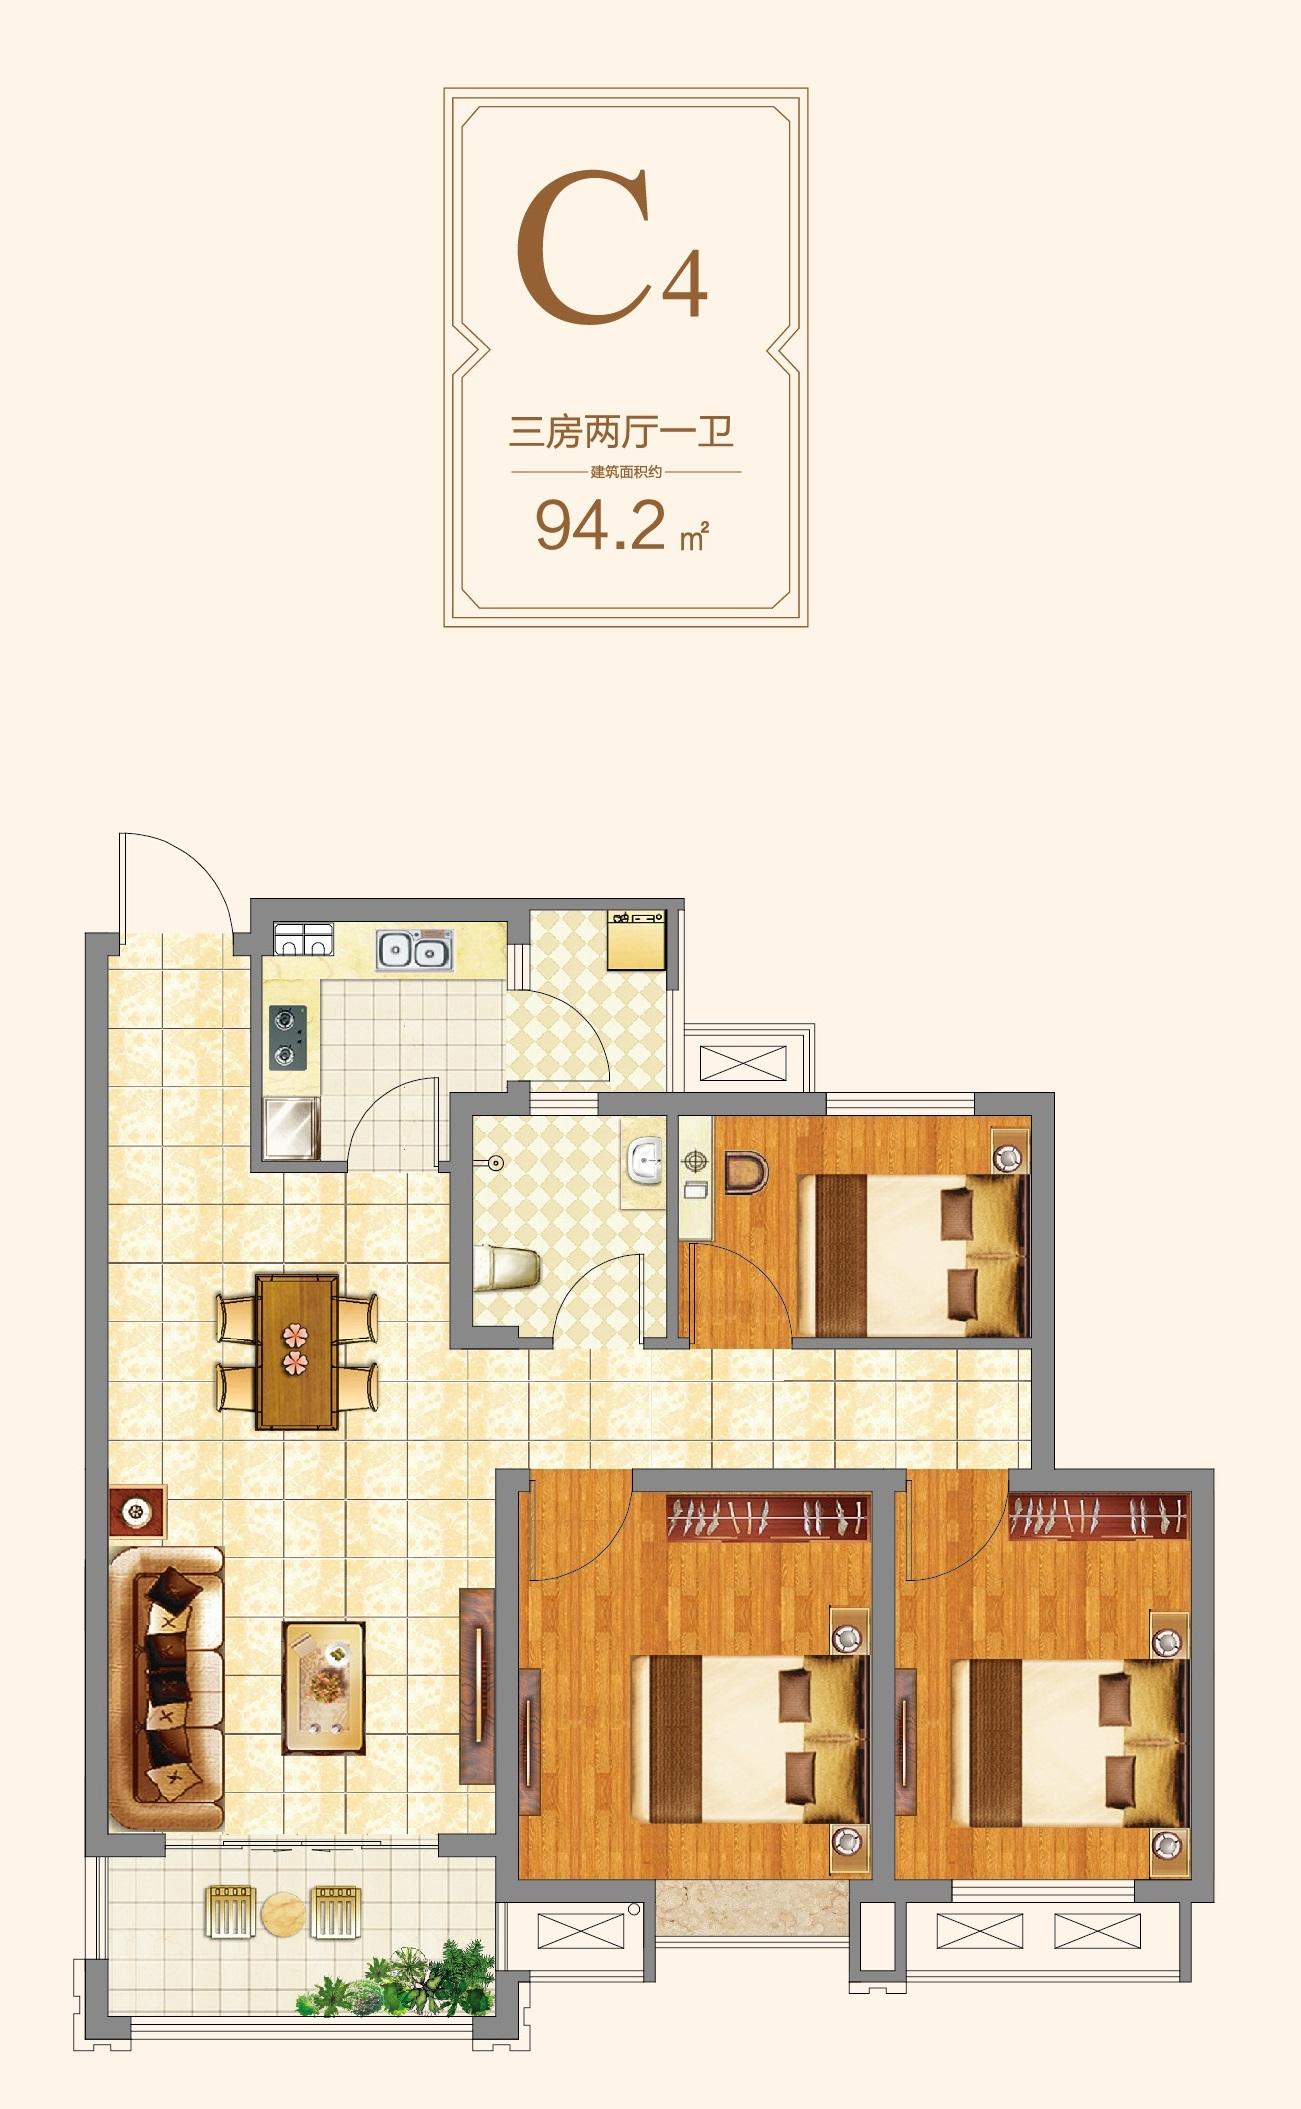 信德悦城C4户型图-94.2